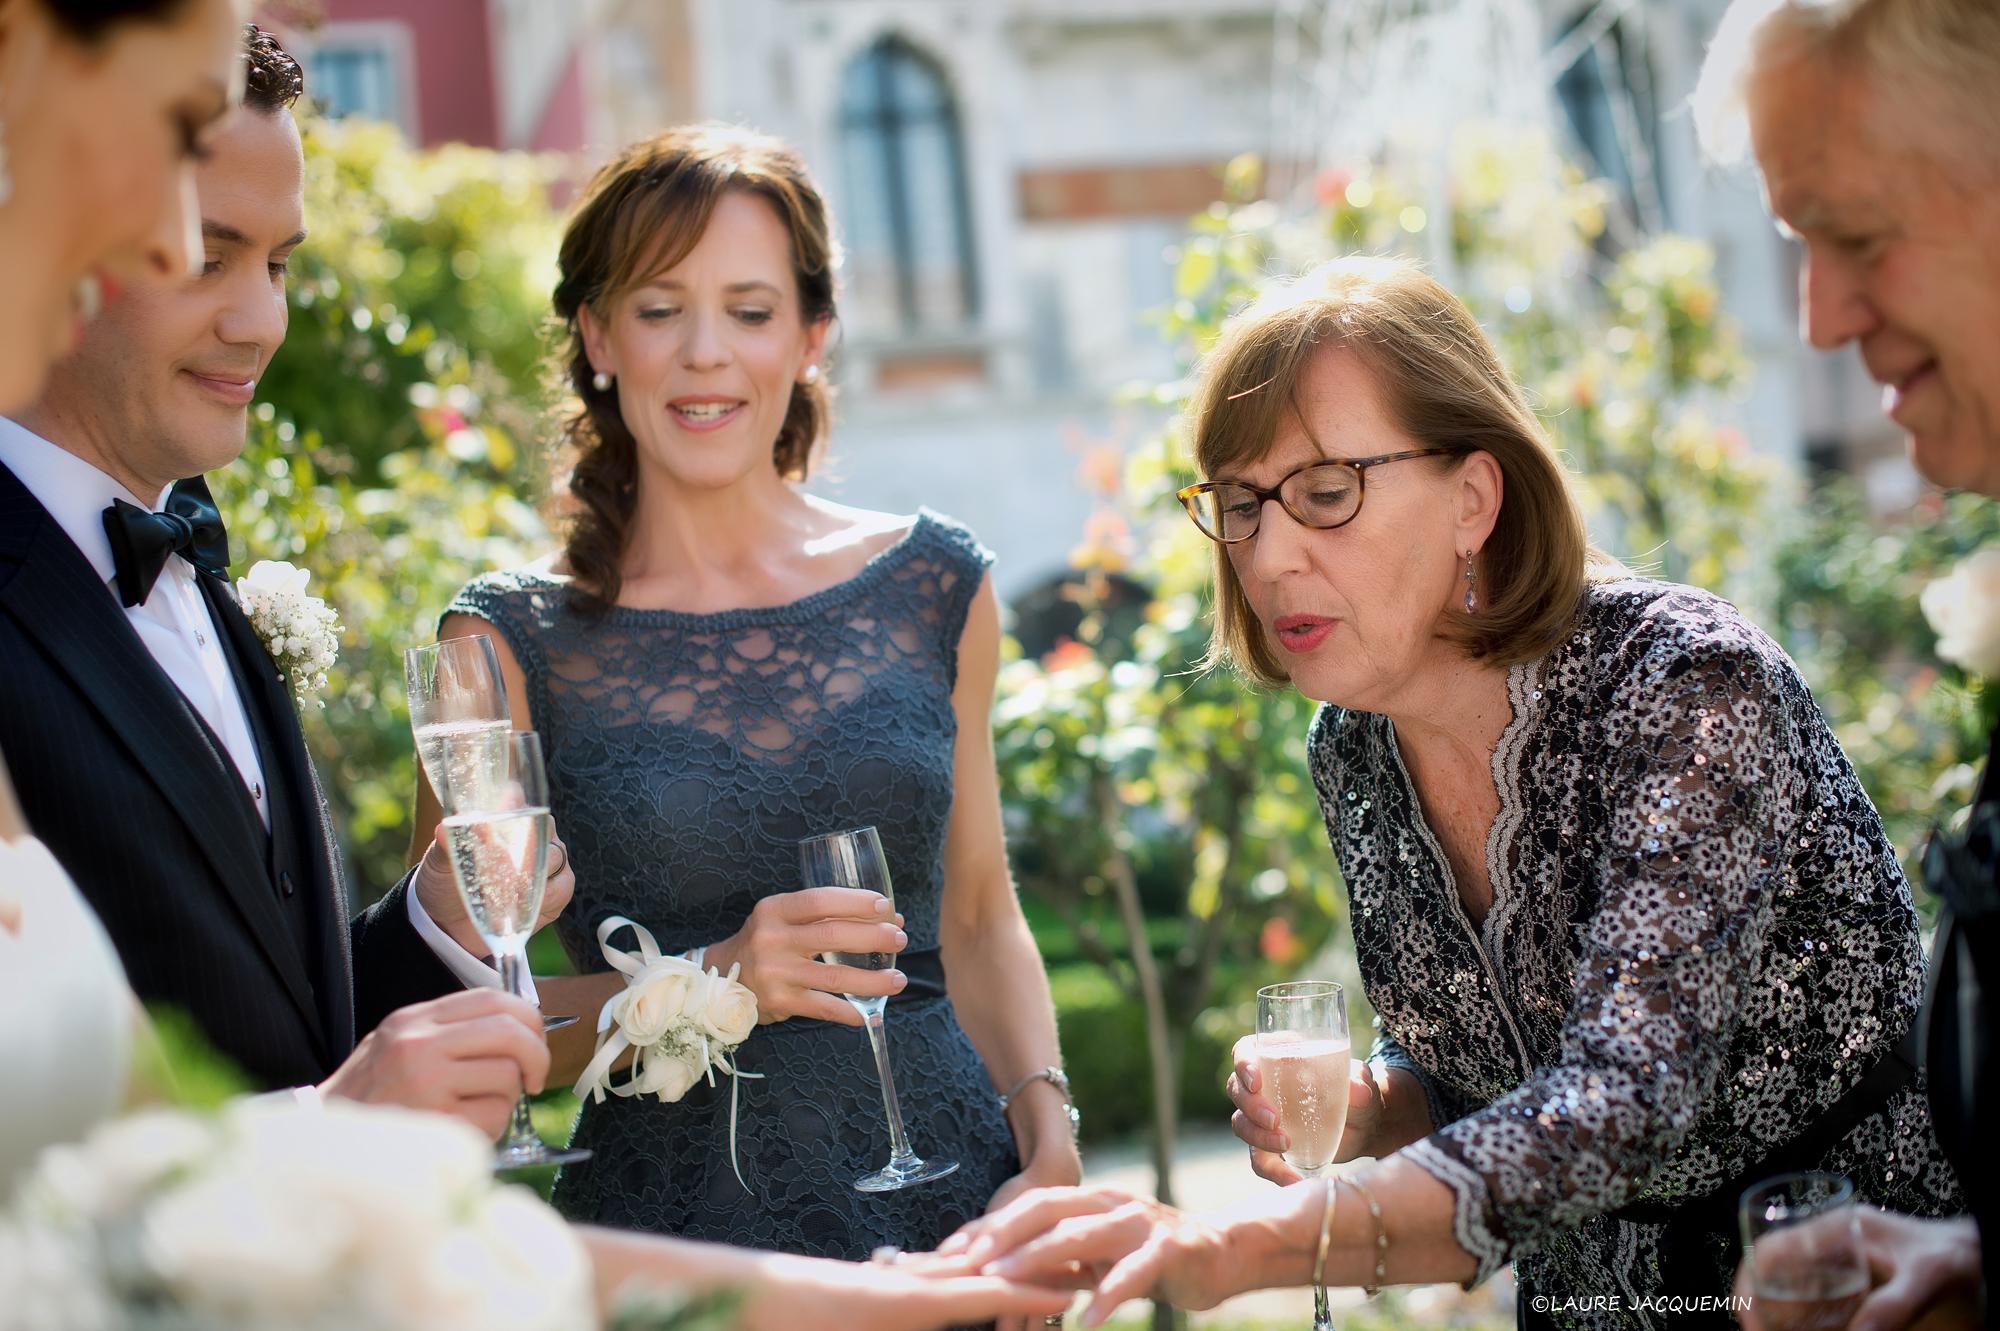 venise mariage photographe laure Jacquemin simbolique jardin venitien gondole (86)